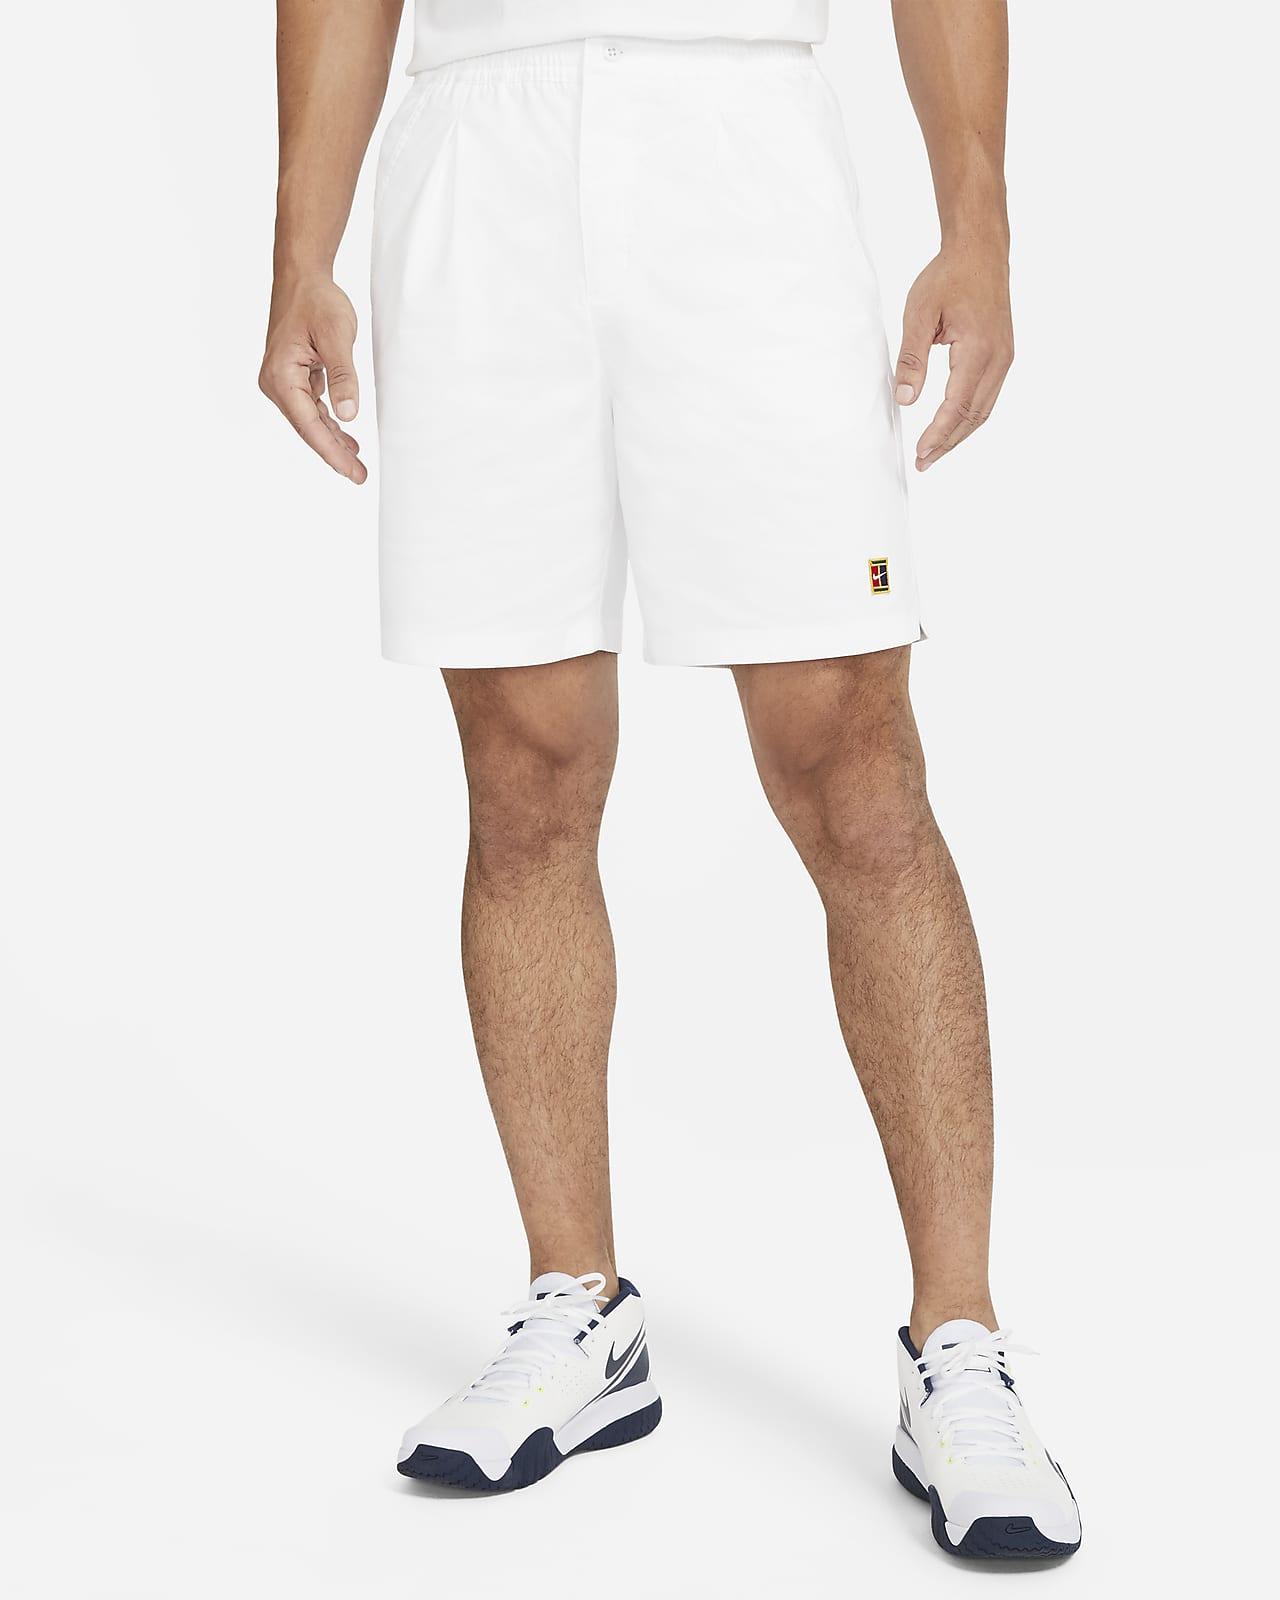 Tennisshorts NikeCourt för män